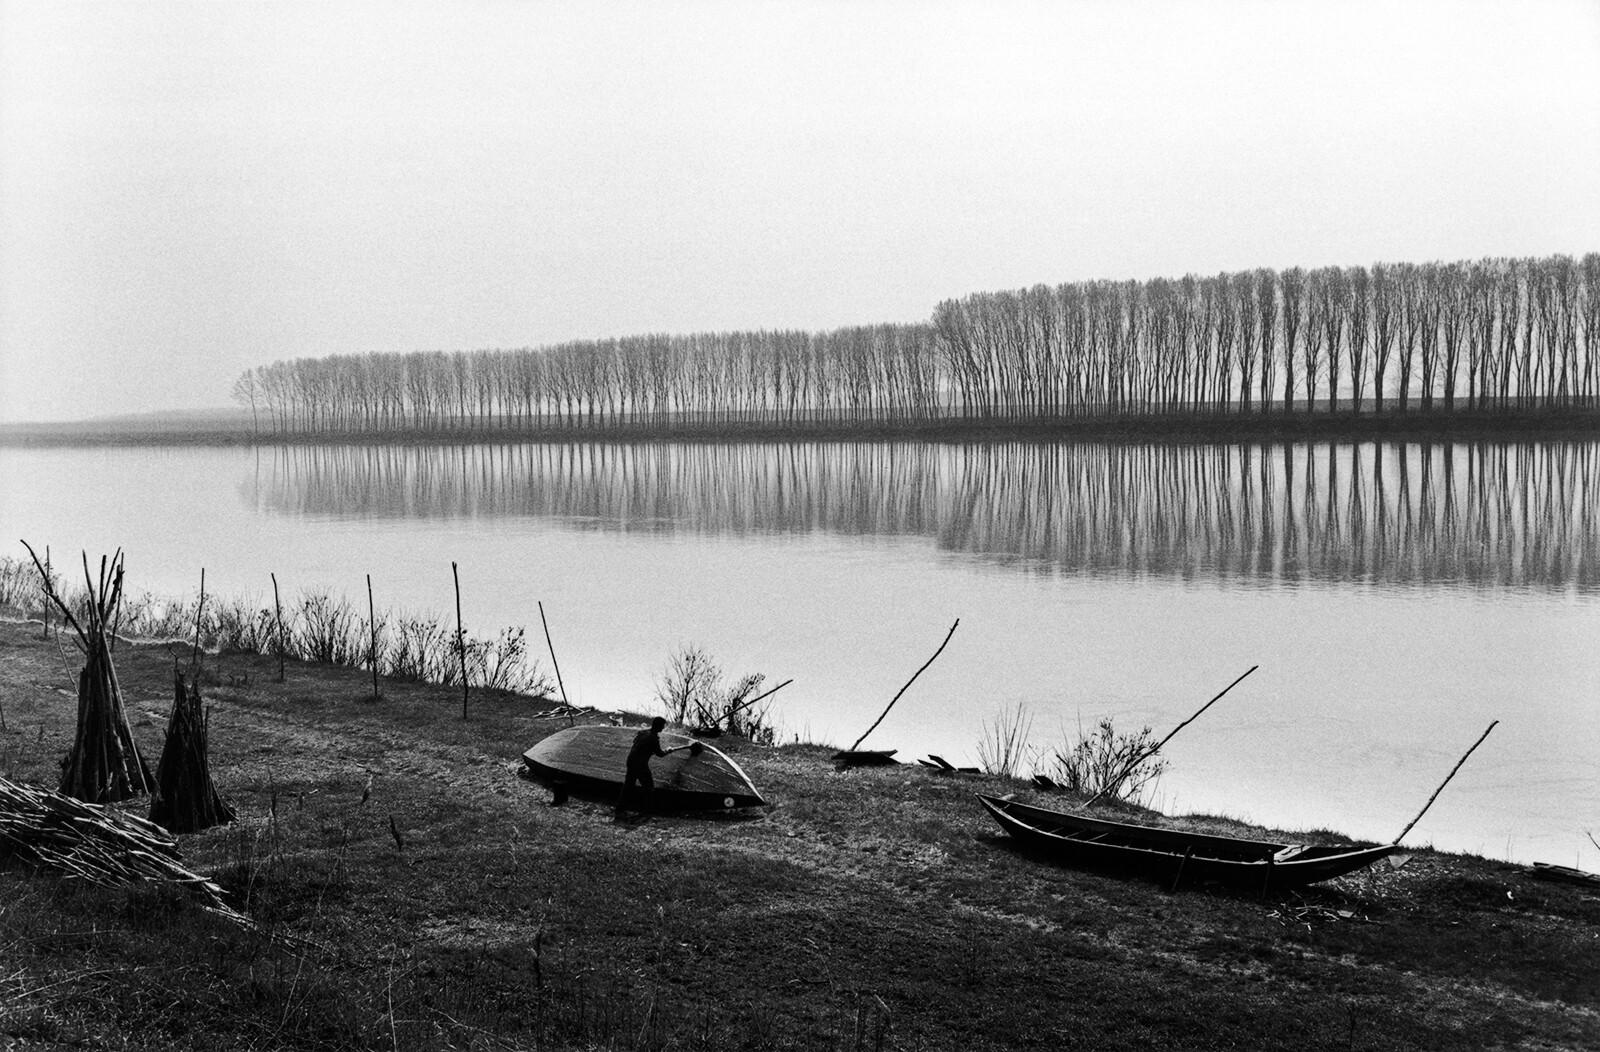 Венеция, ок. 1966. Фотограф Джанни Беренго Гардин